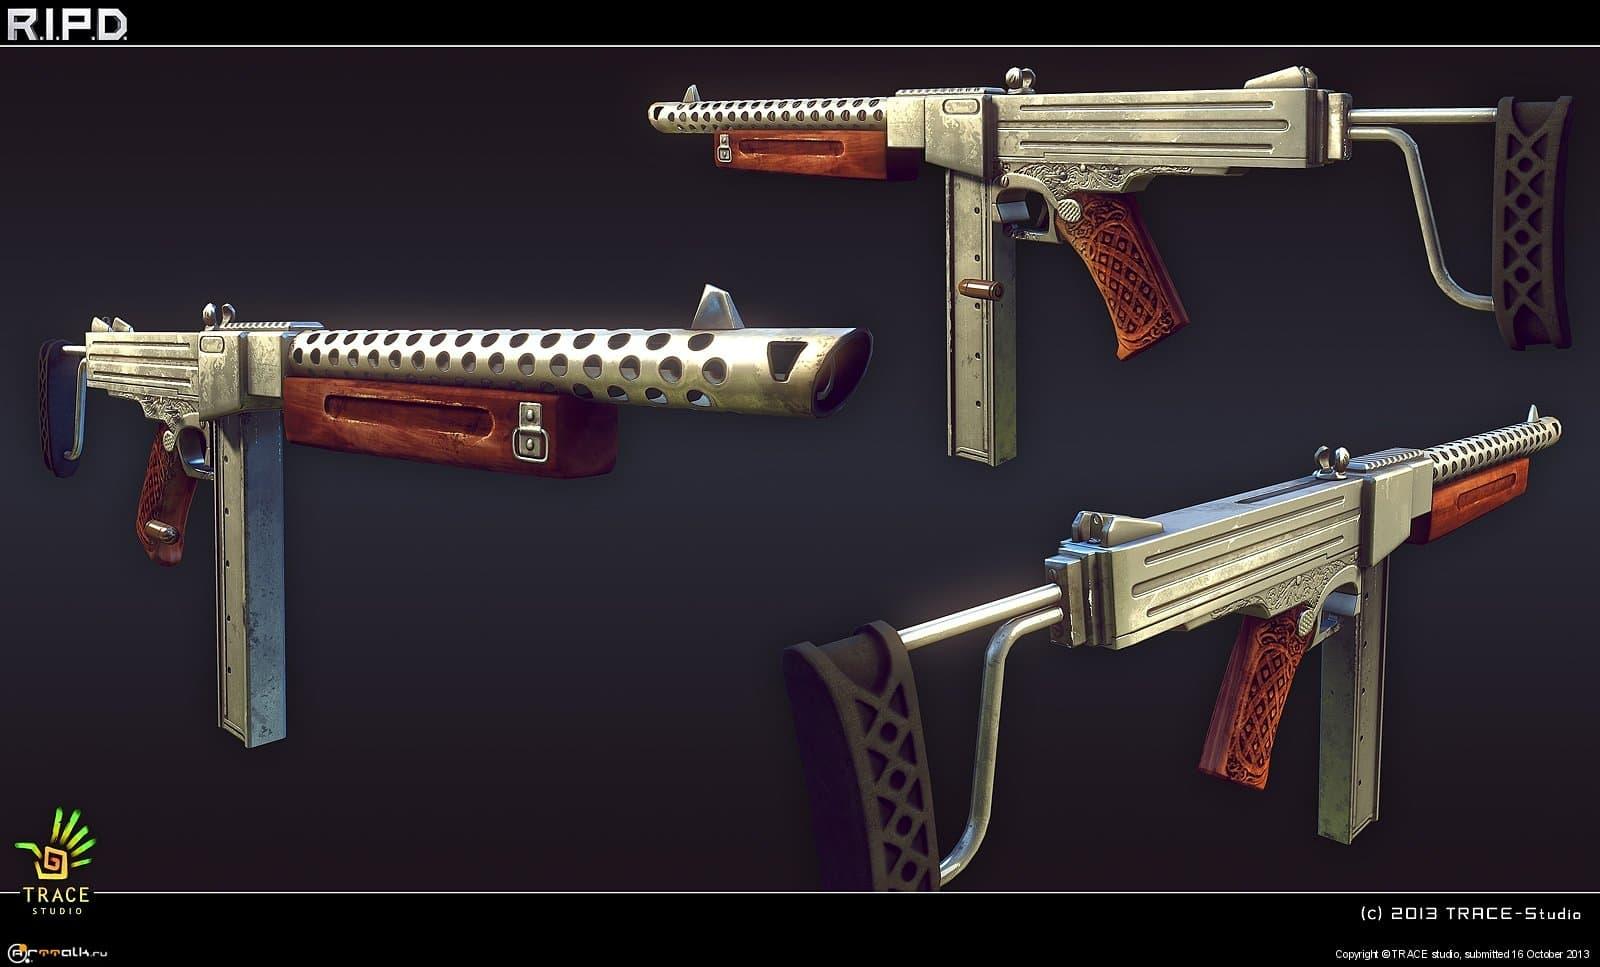 R.i.p.d. Gun4